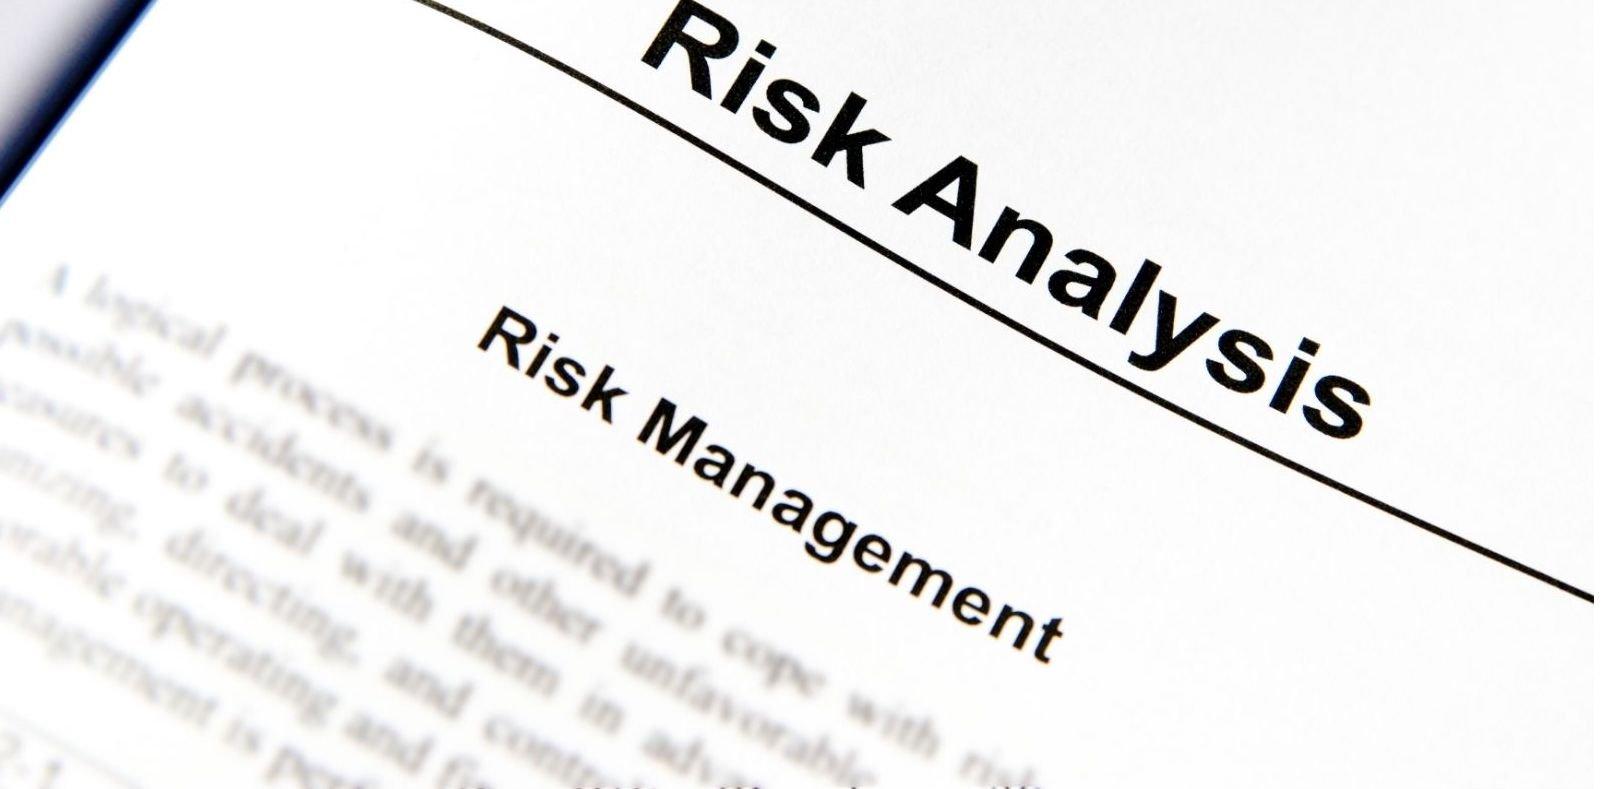 RiskAnalysis